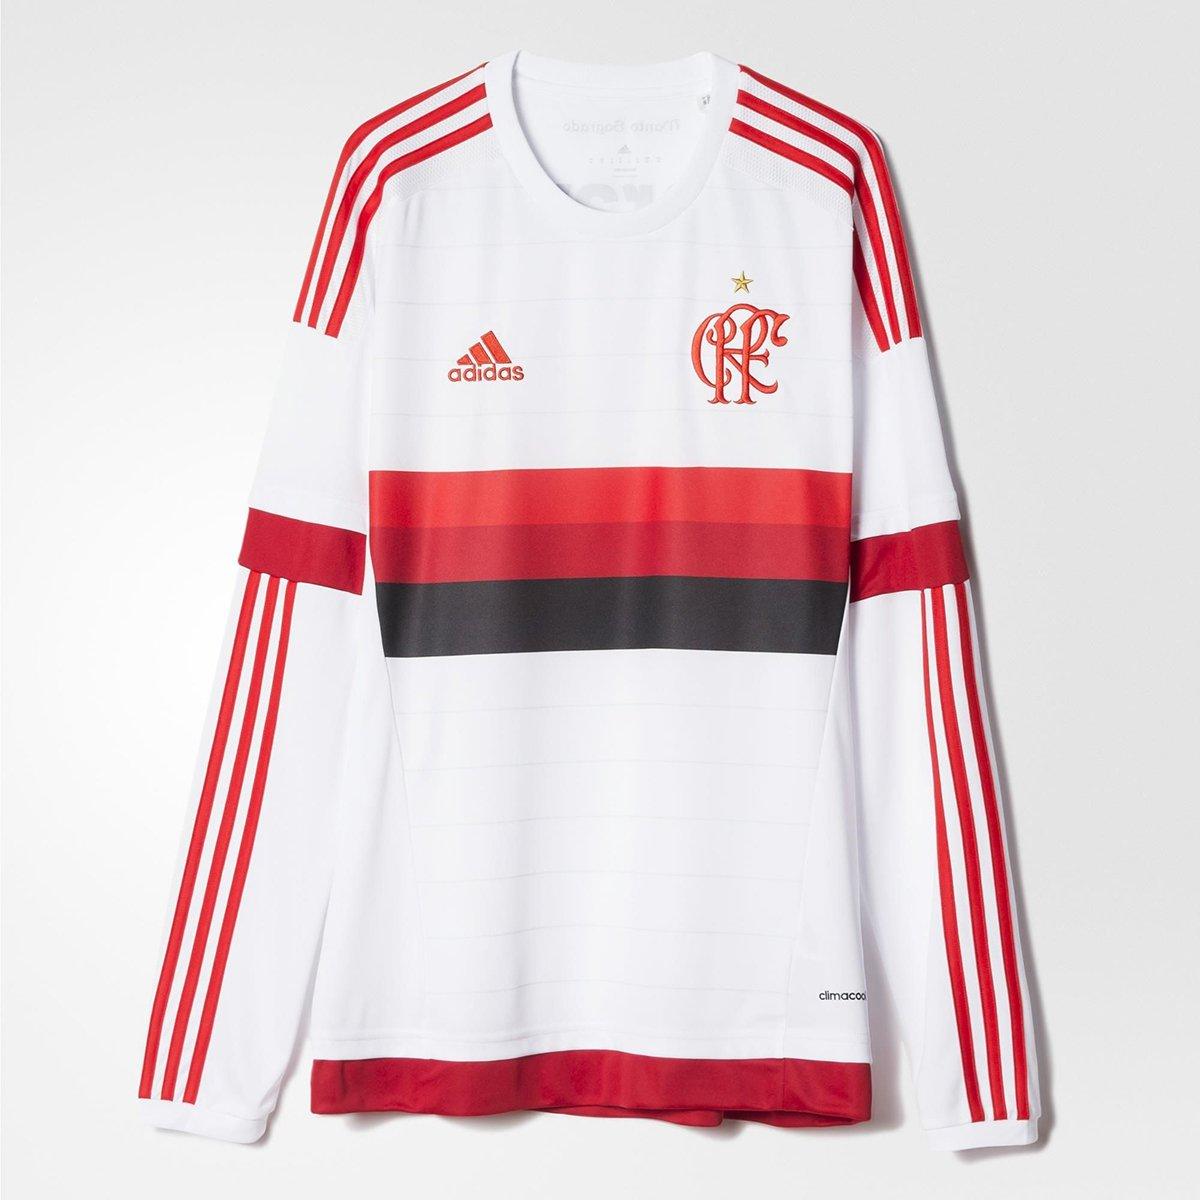 Camisa Adidas Flamengo II 2015 s nº M L - Compre Agora  cb2692f11d0e3